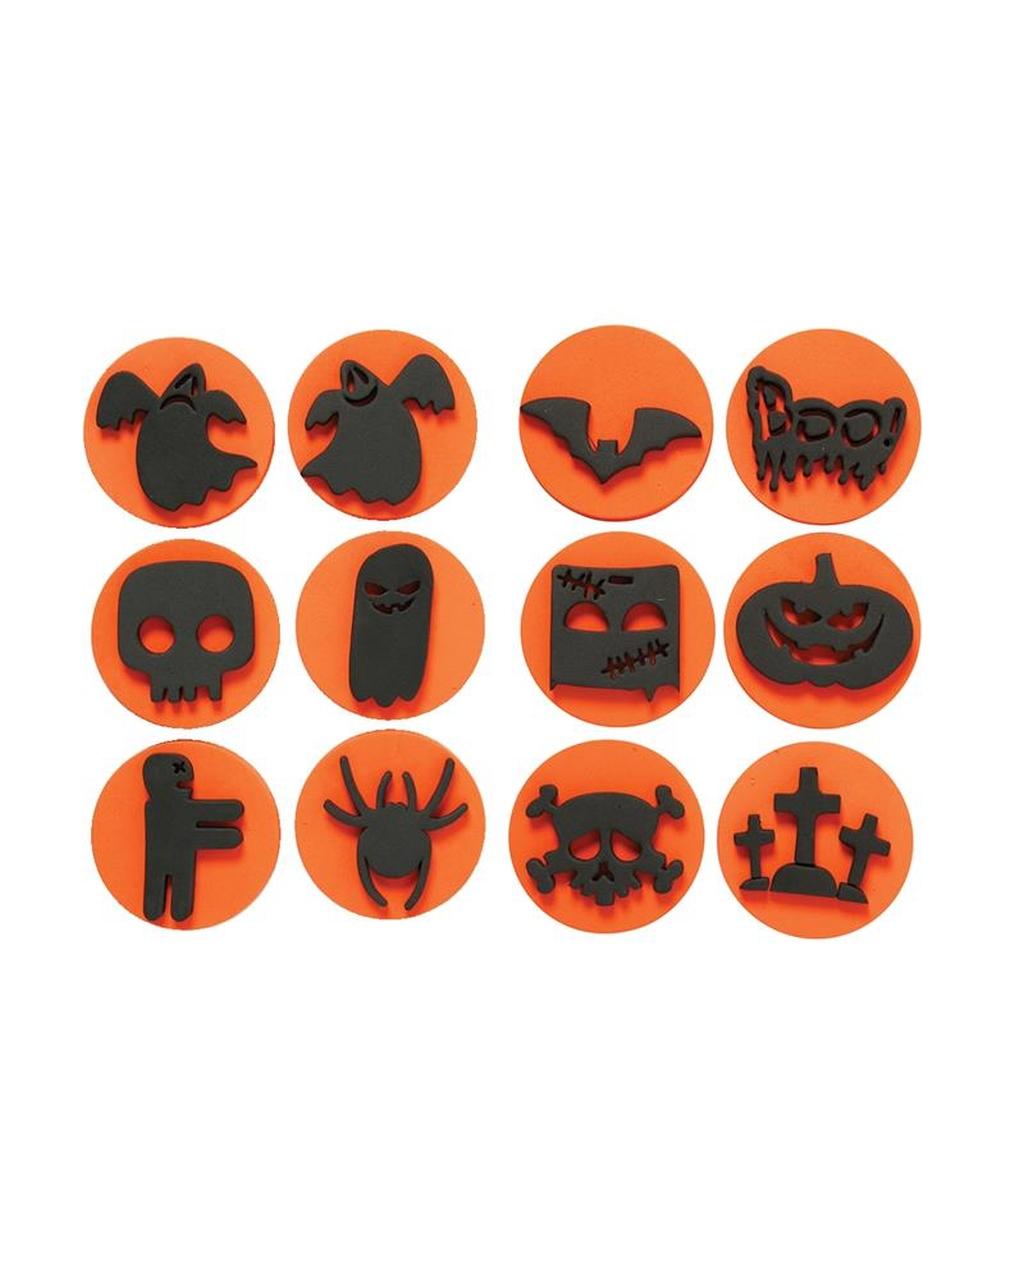 Foam Stamps Assorted 12 Designs Halloween